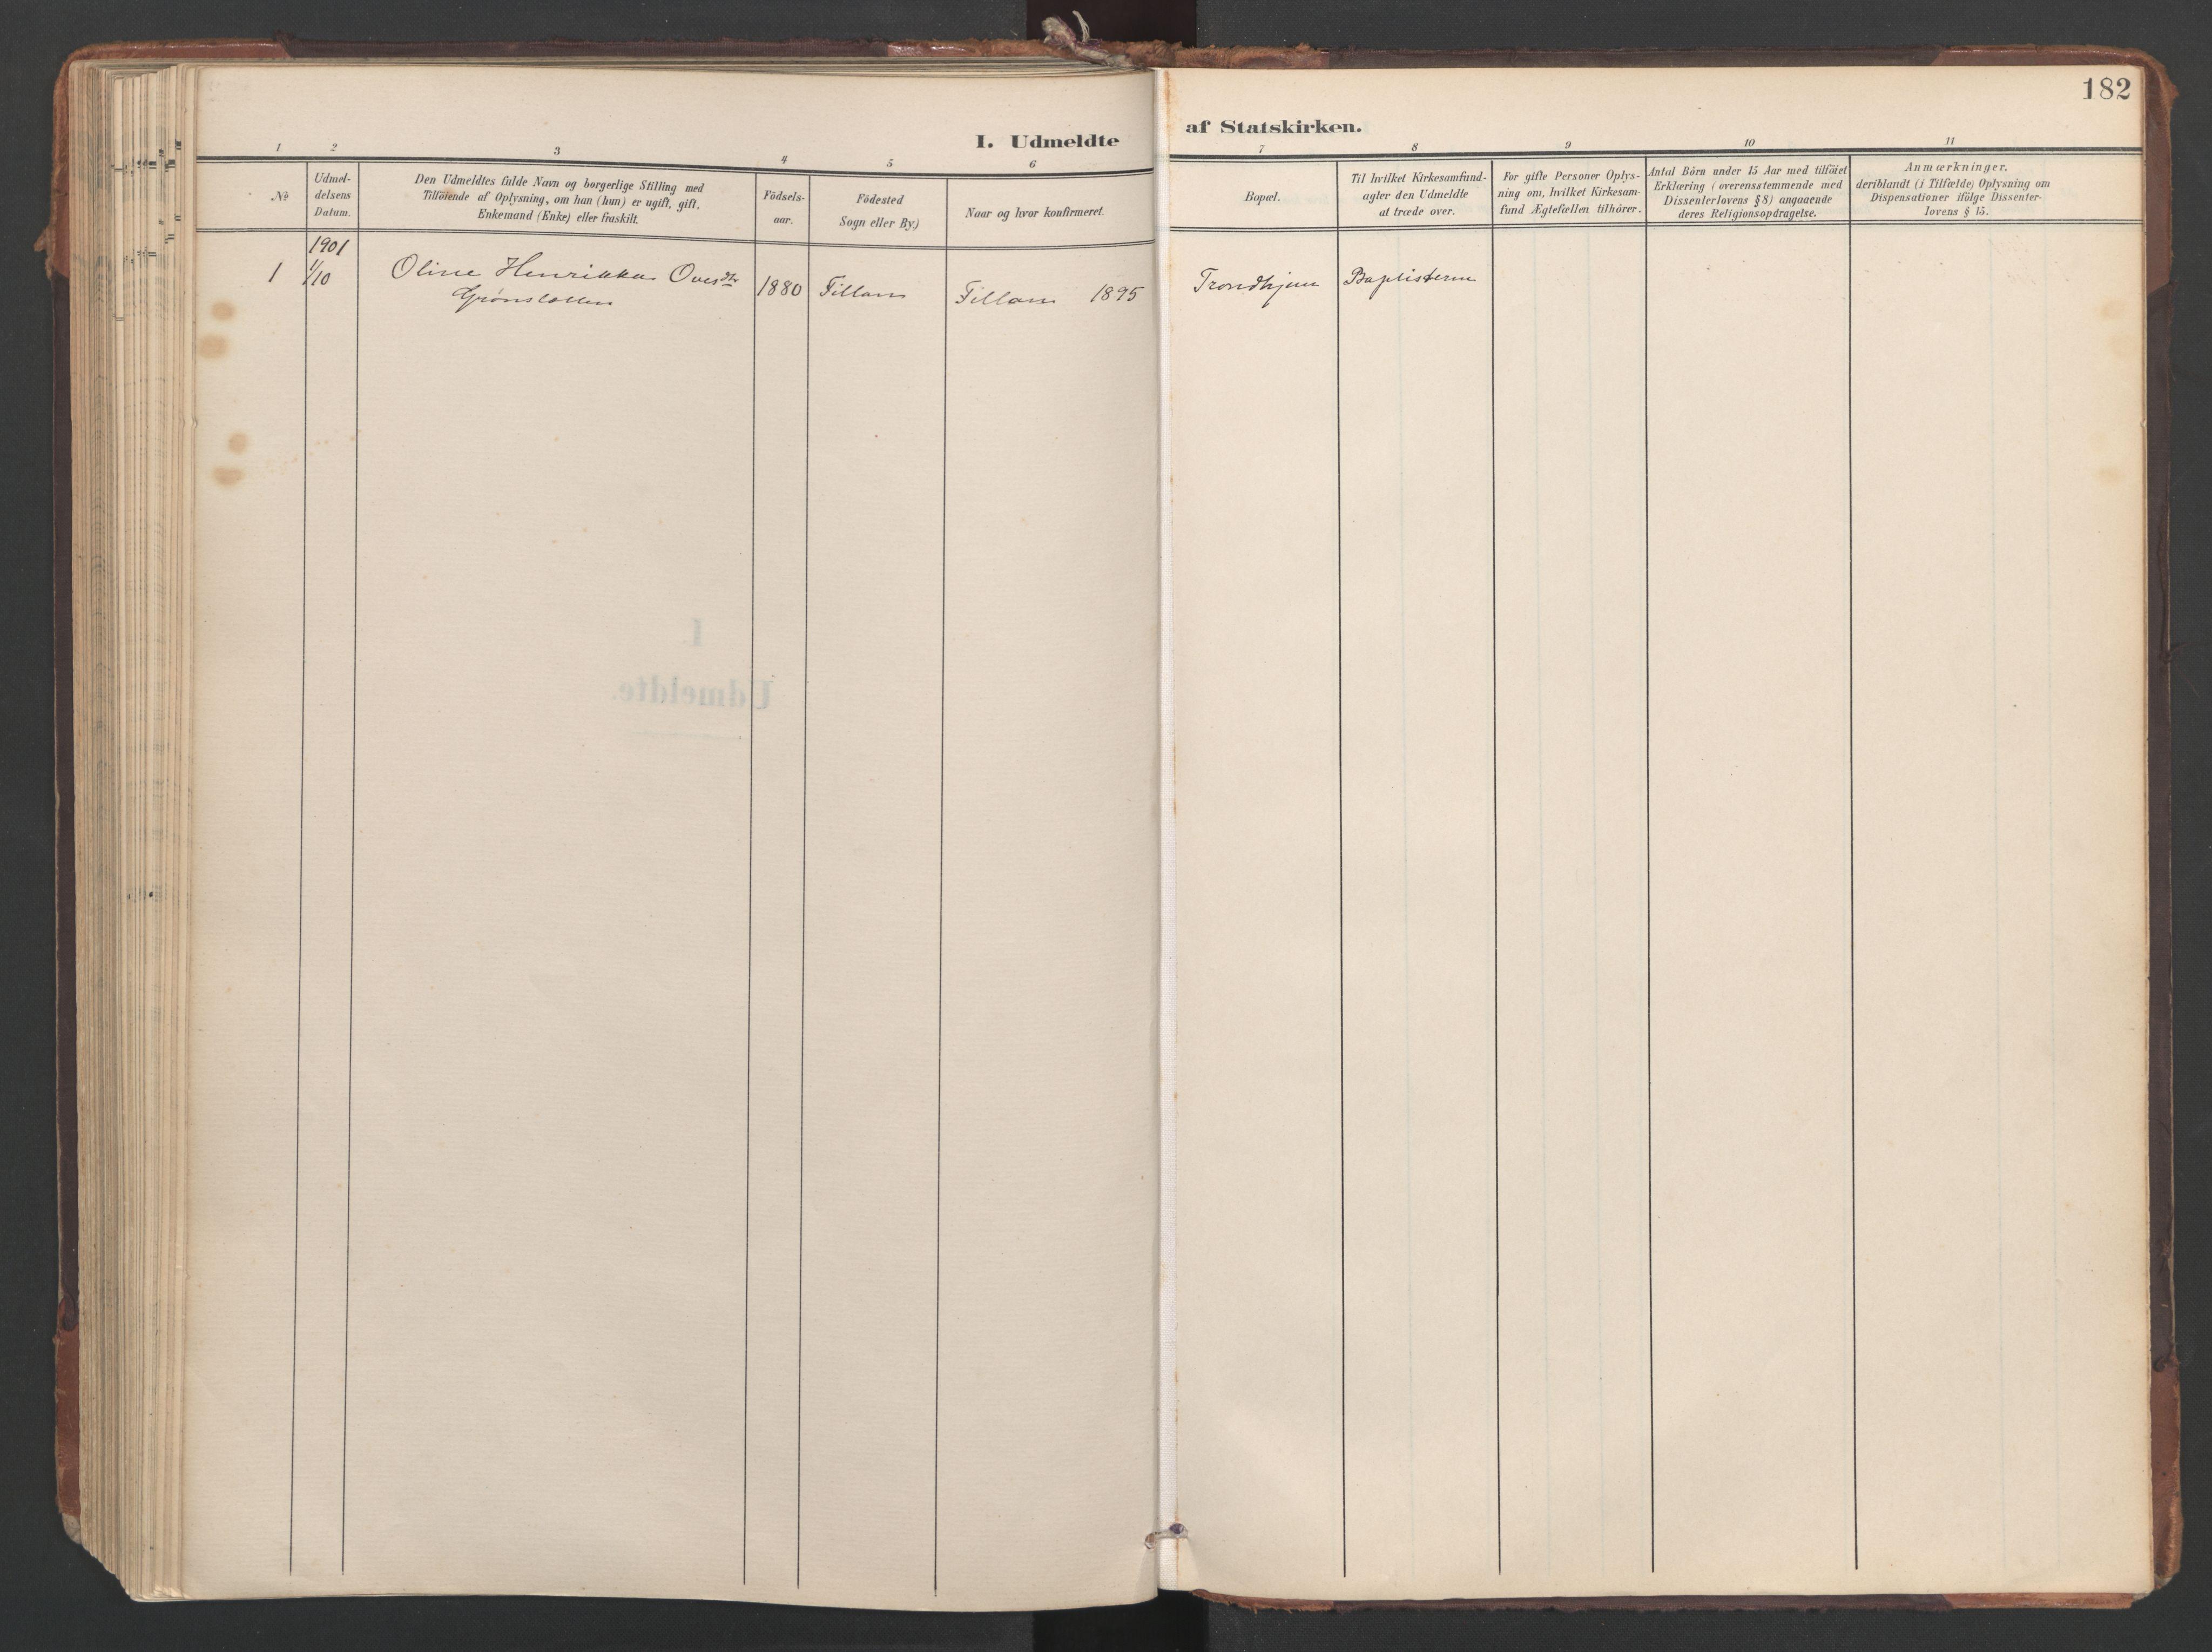 SAT, Ministerialprotokoller, klokkerbøker og fødselsregistre - Sør-Trøndelag, 638/L0568: Ministerialbok nr. 638A01, 1901-1916, s. 182